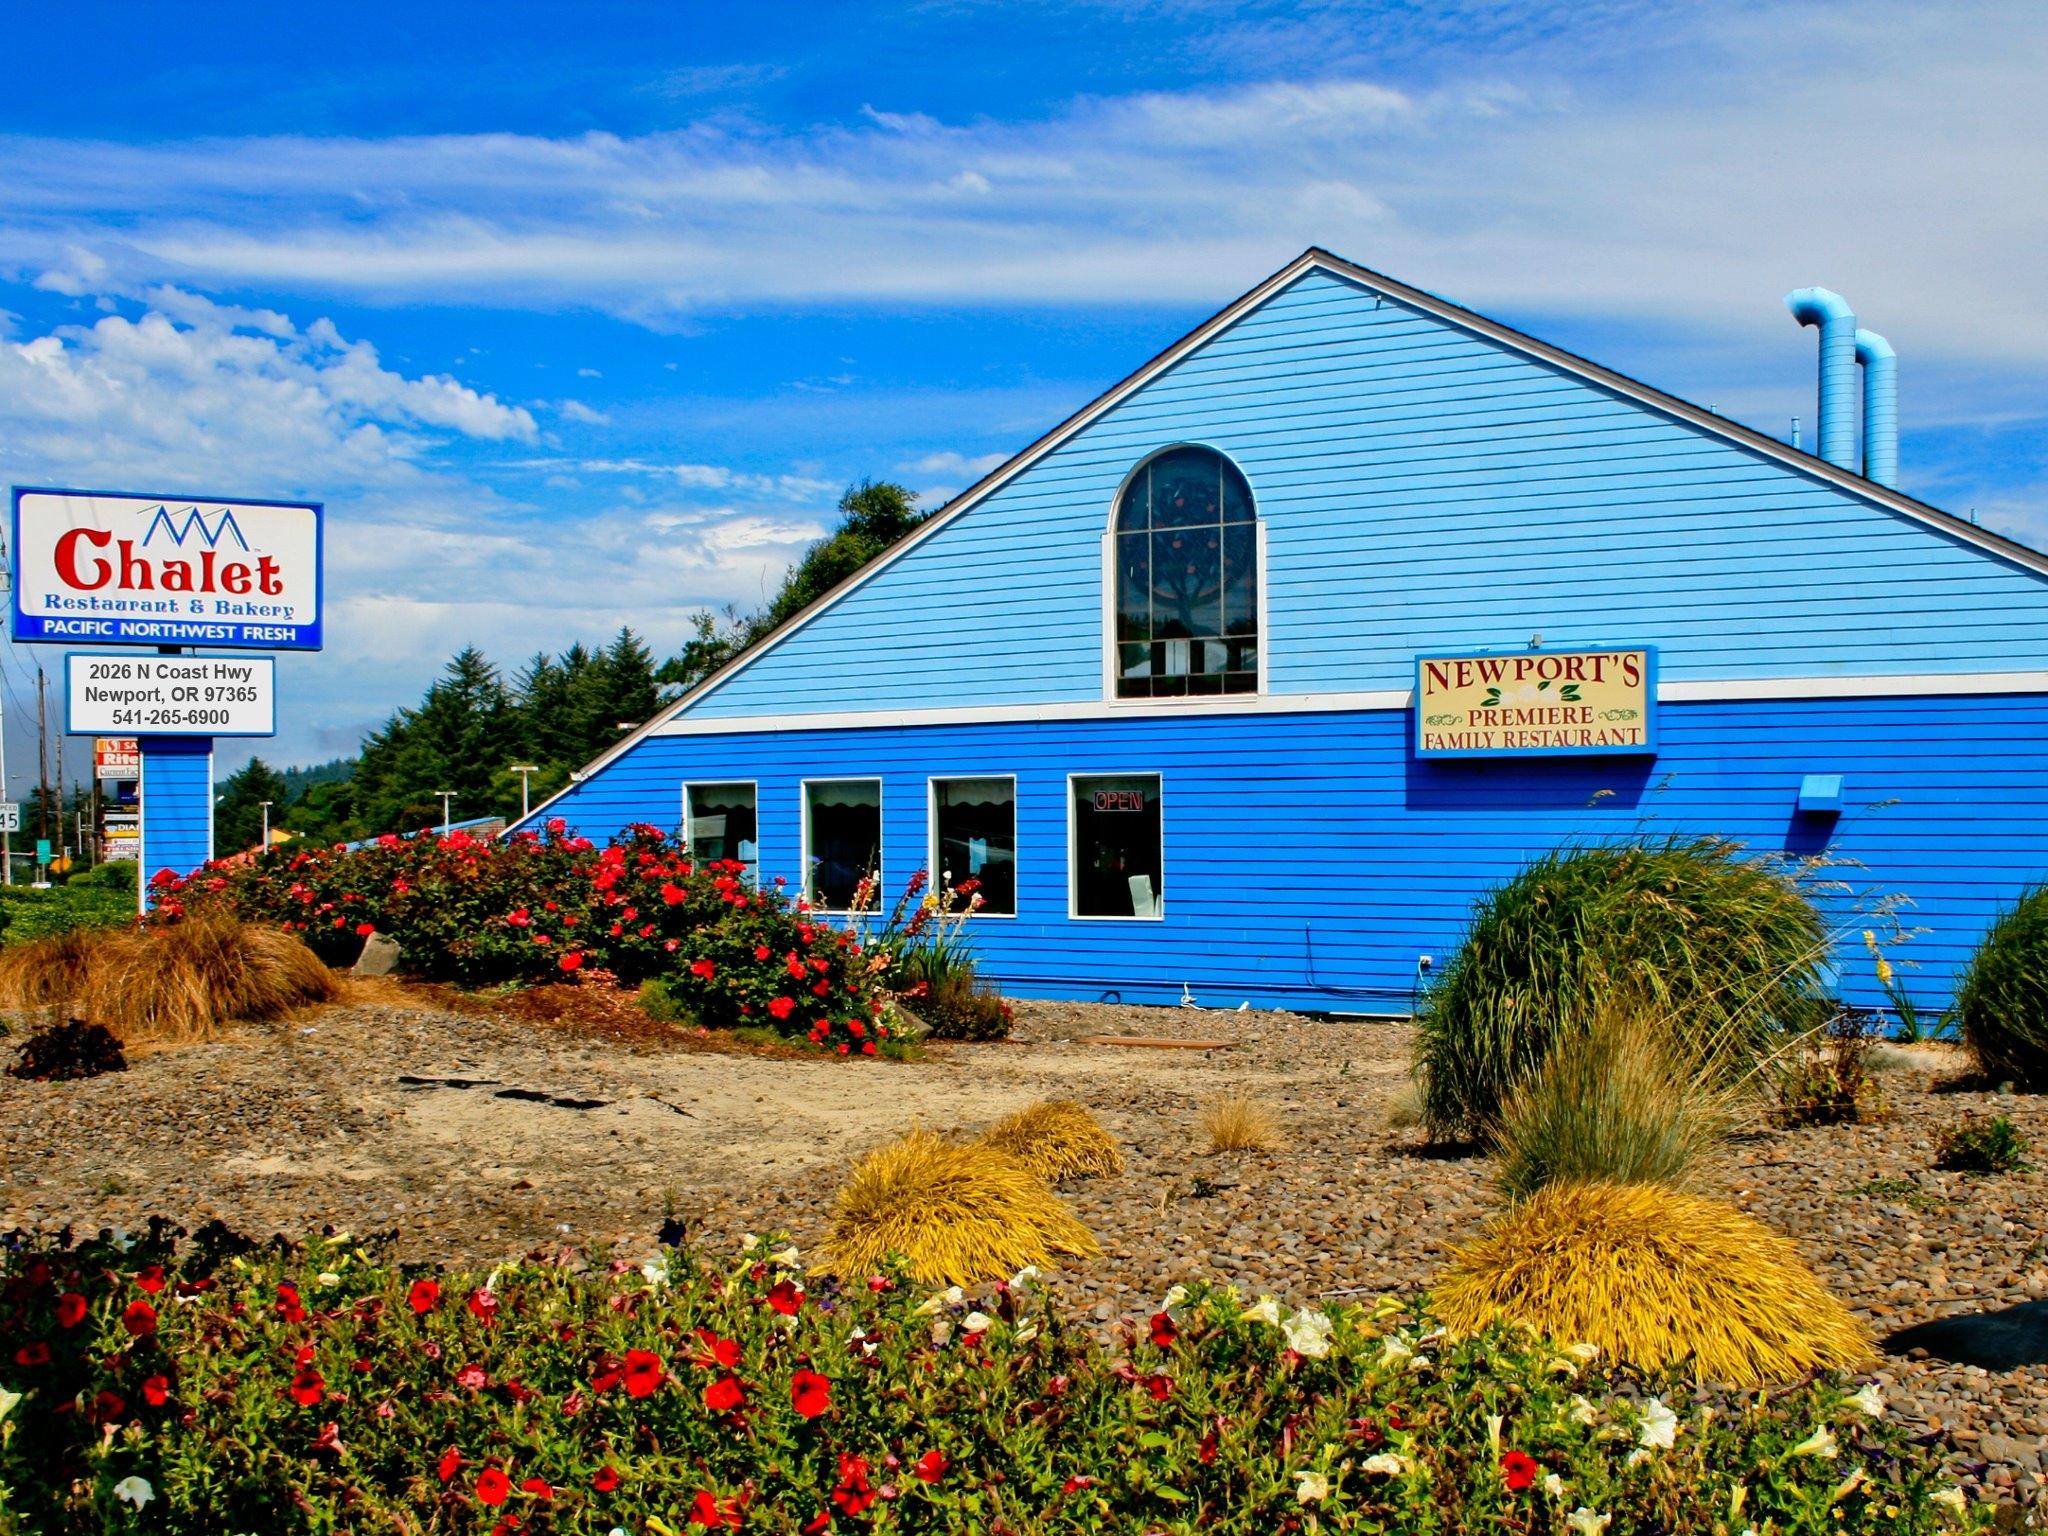 Chalet Restaurant & Bakery